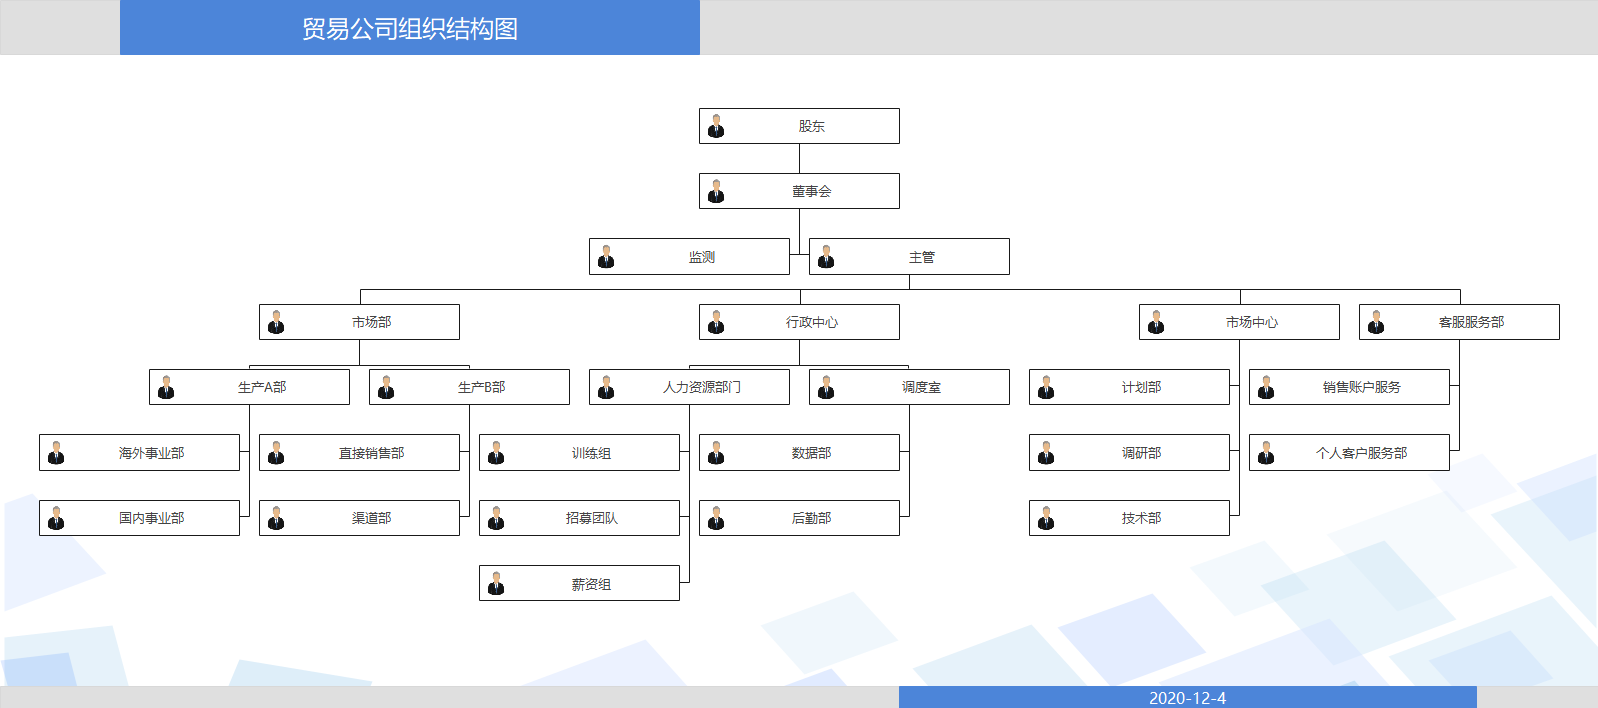 贸易公司组织结构图